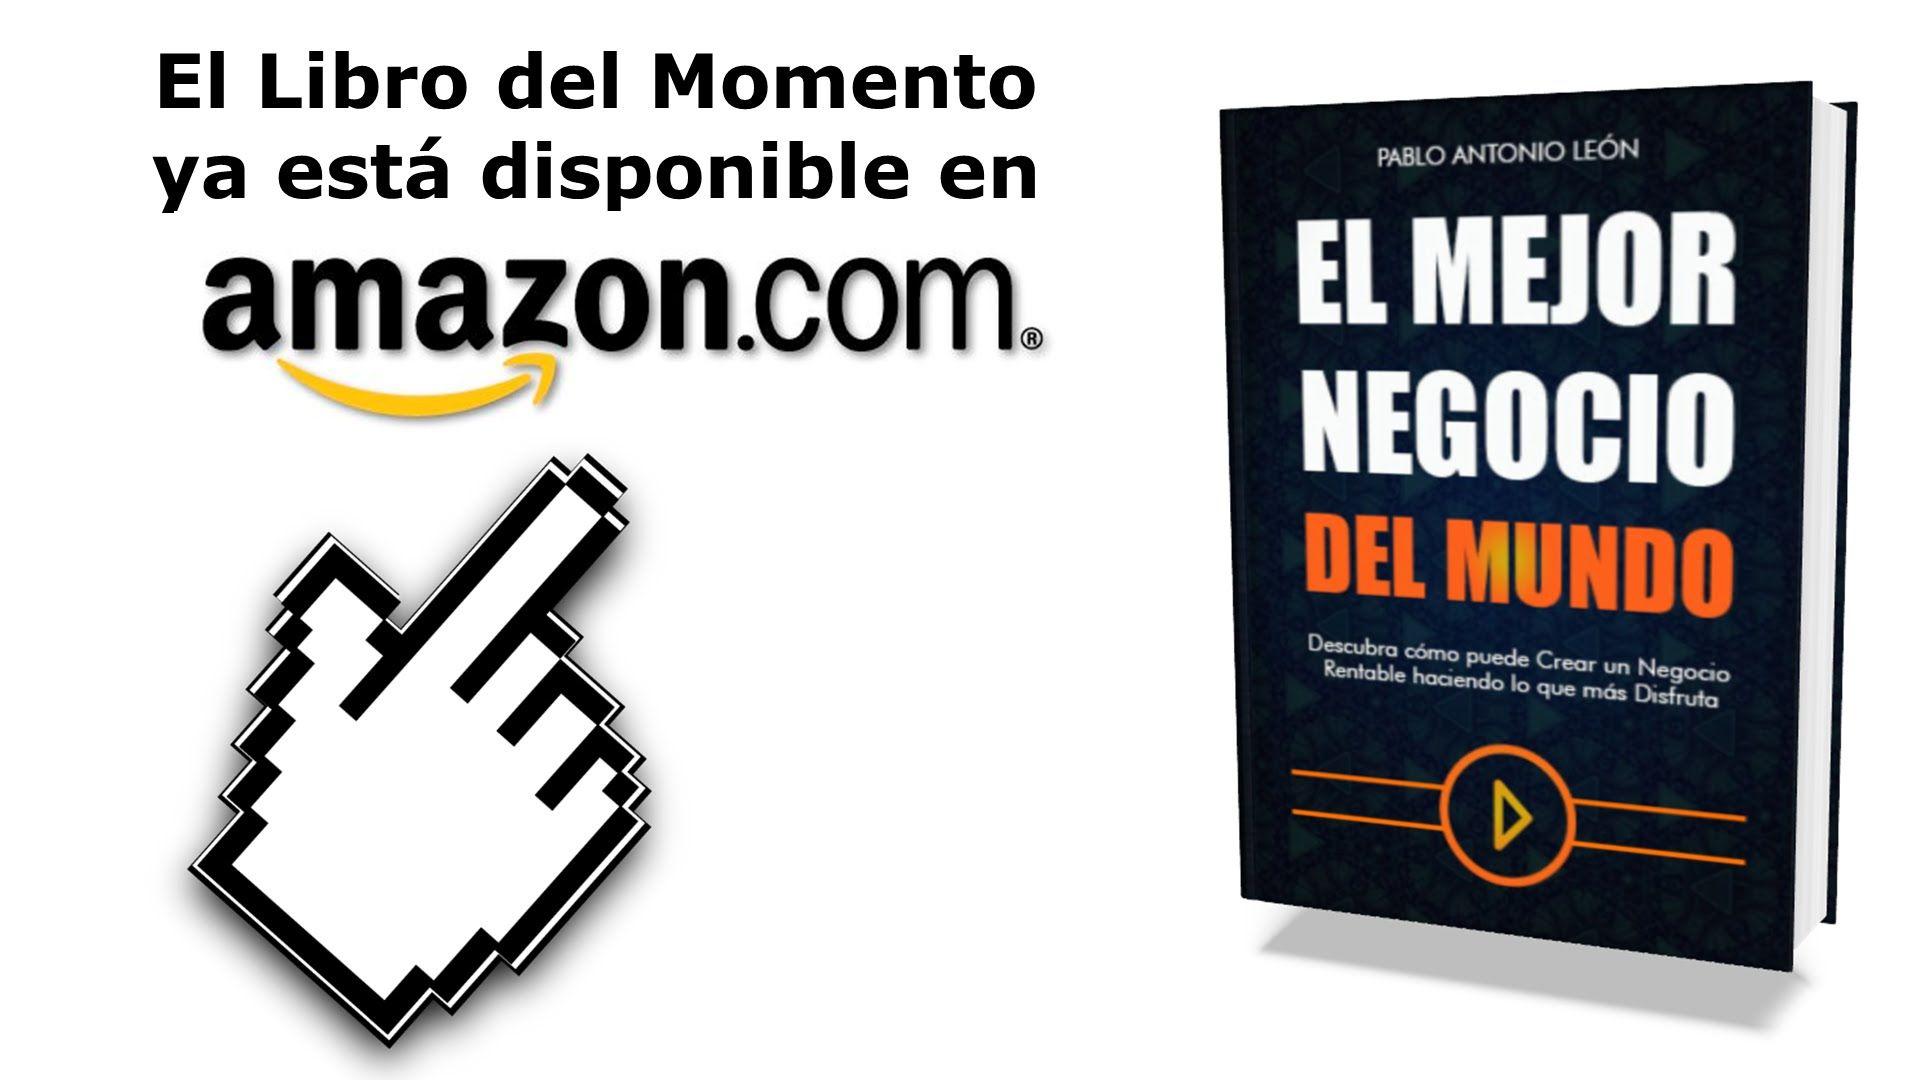 El Mejor Negocio del Mundo ya está disponible en Amazon.com